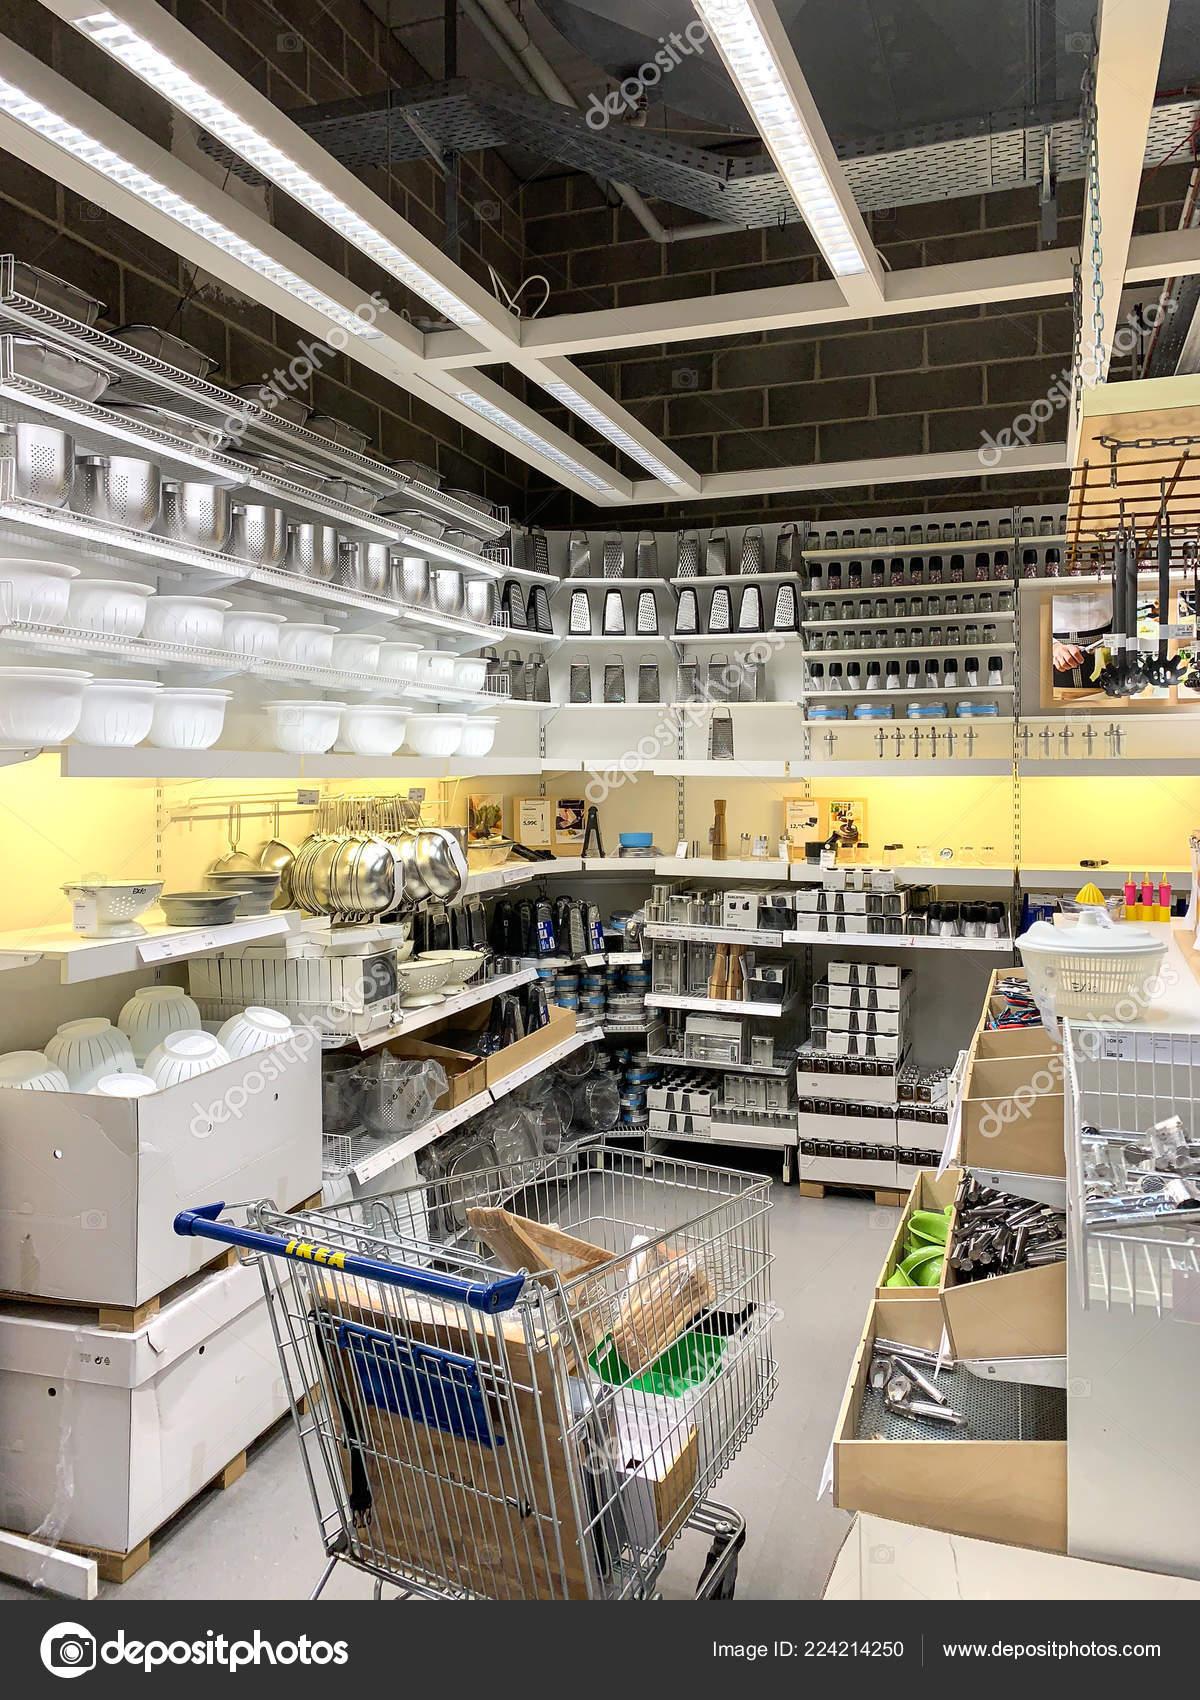 Utensili da cucina in vendita all\'interno del negozio Ikea ...